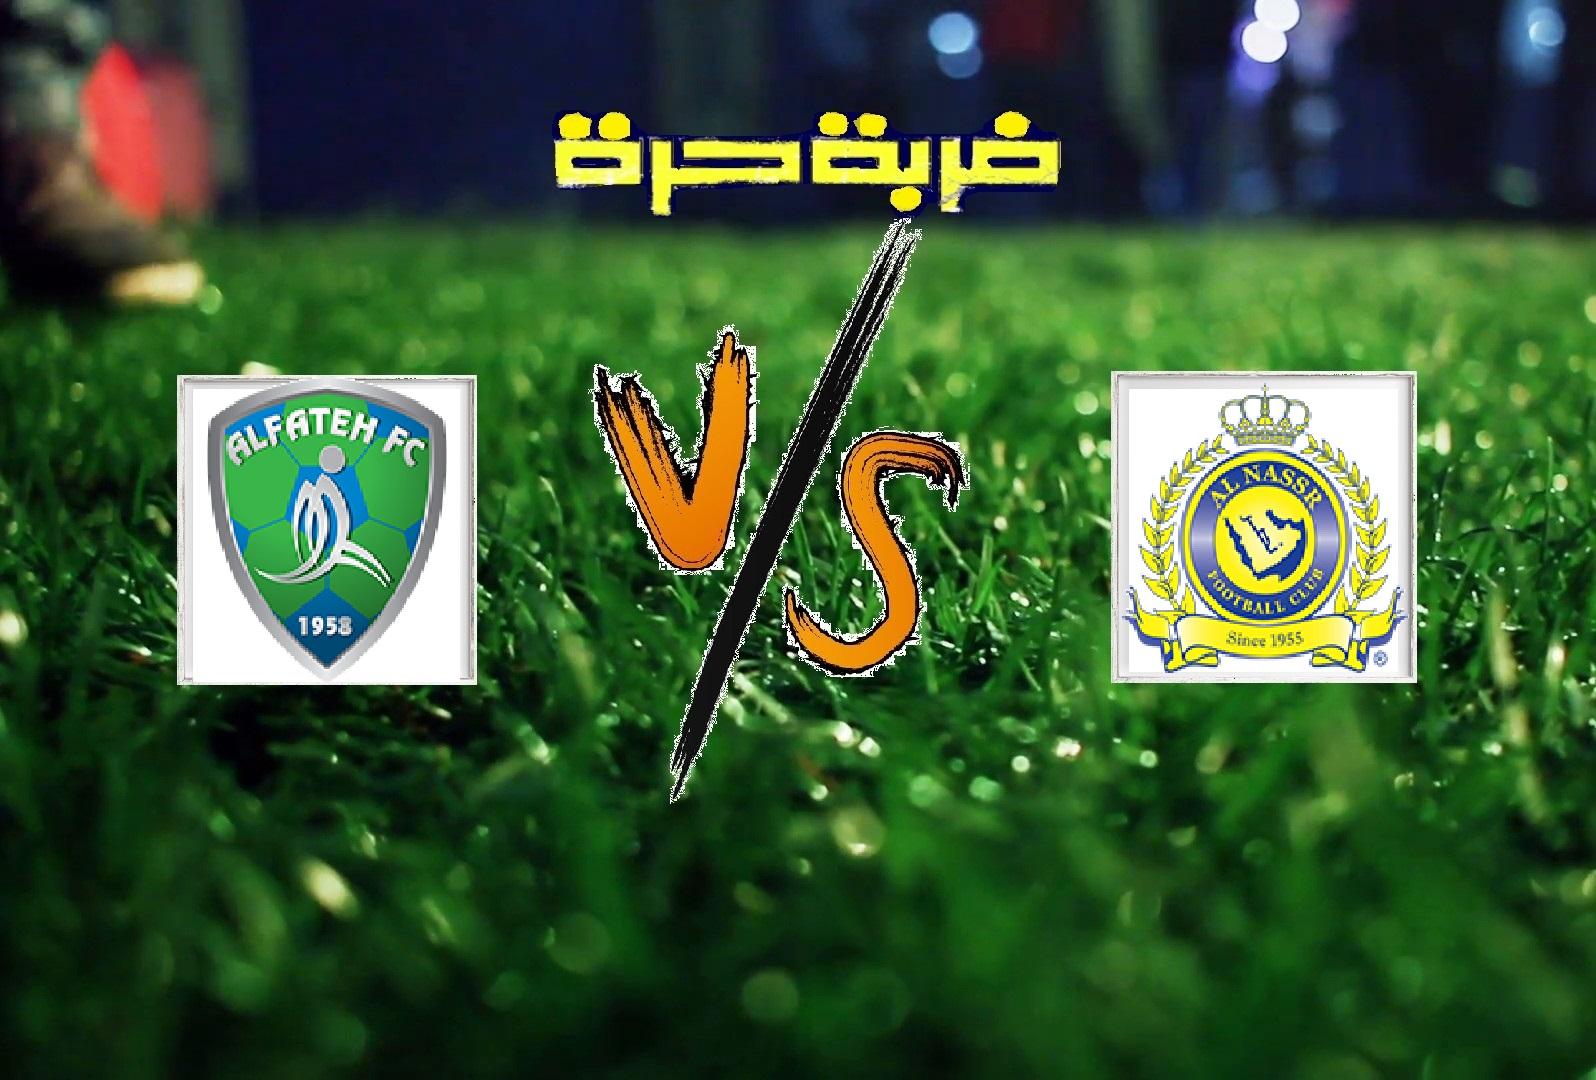 النصر يفوز على الفتح بخماسية نظيفة في الجولة الـ28 من الدوري السعودي